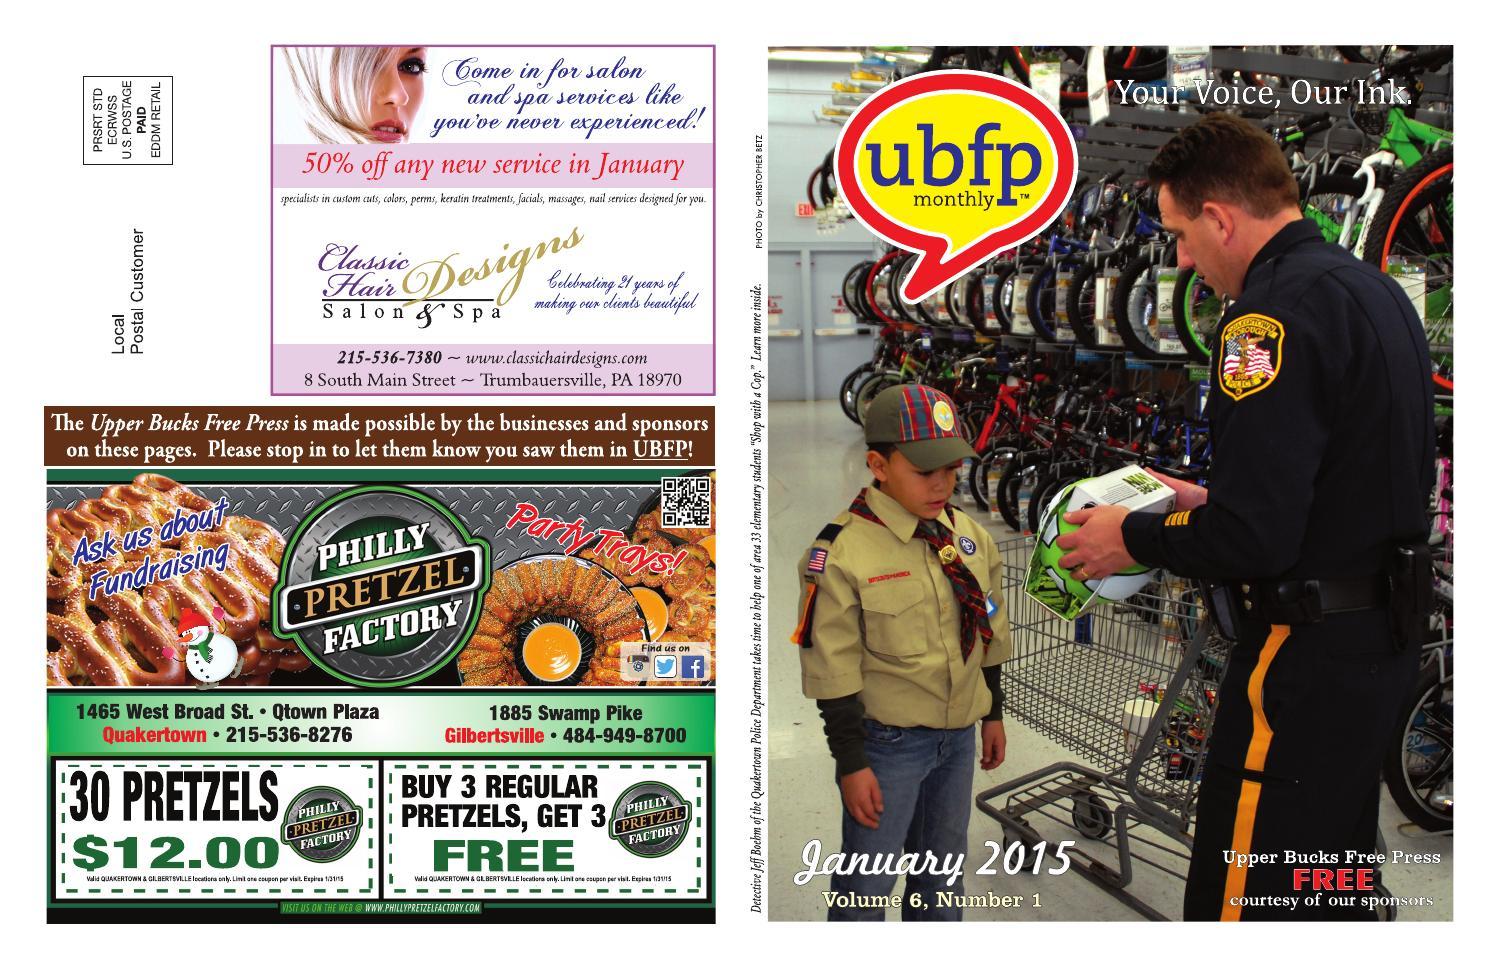 bbf0e19b076 Upper Bucks Free Press • January 2015 by Upper Bucks Free Press - issuu